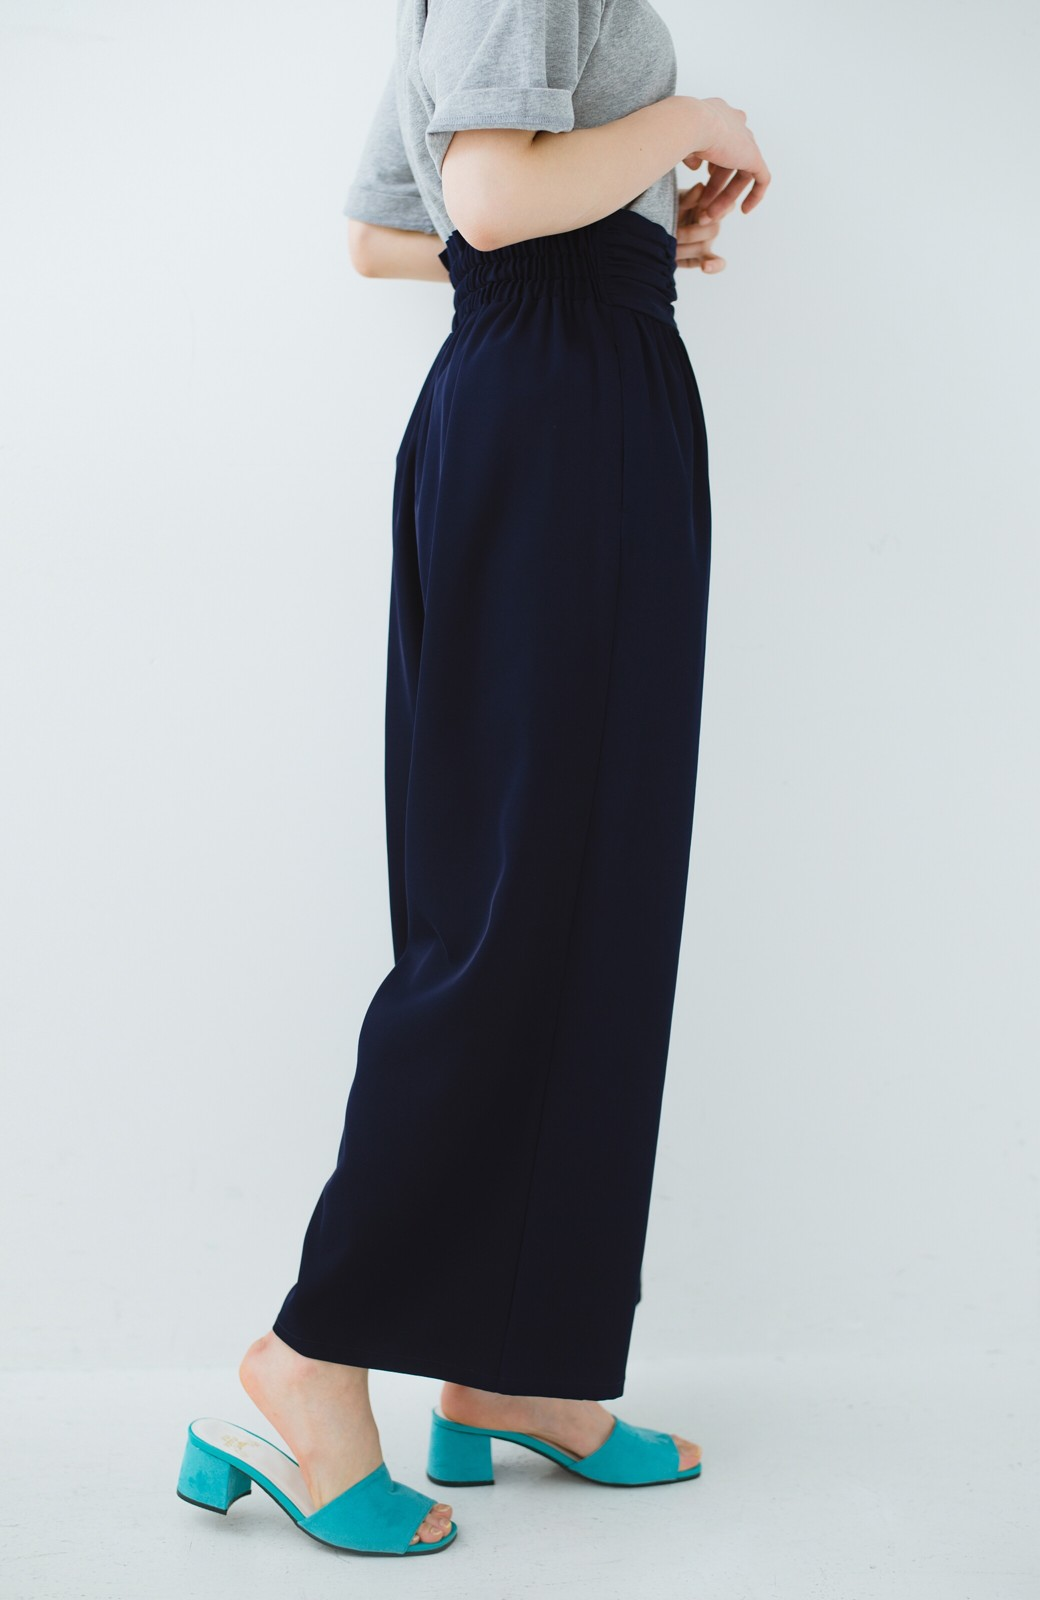 haco! 【スタッフスペシャルセット】ギリギリ女子ミオの夏のコーデに便利!手持ちのTシャツといけるんちゃうかセット  <その他>の商品写真17